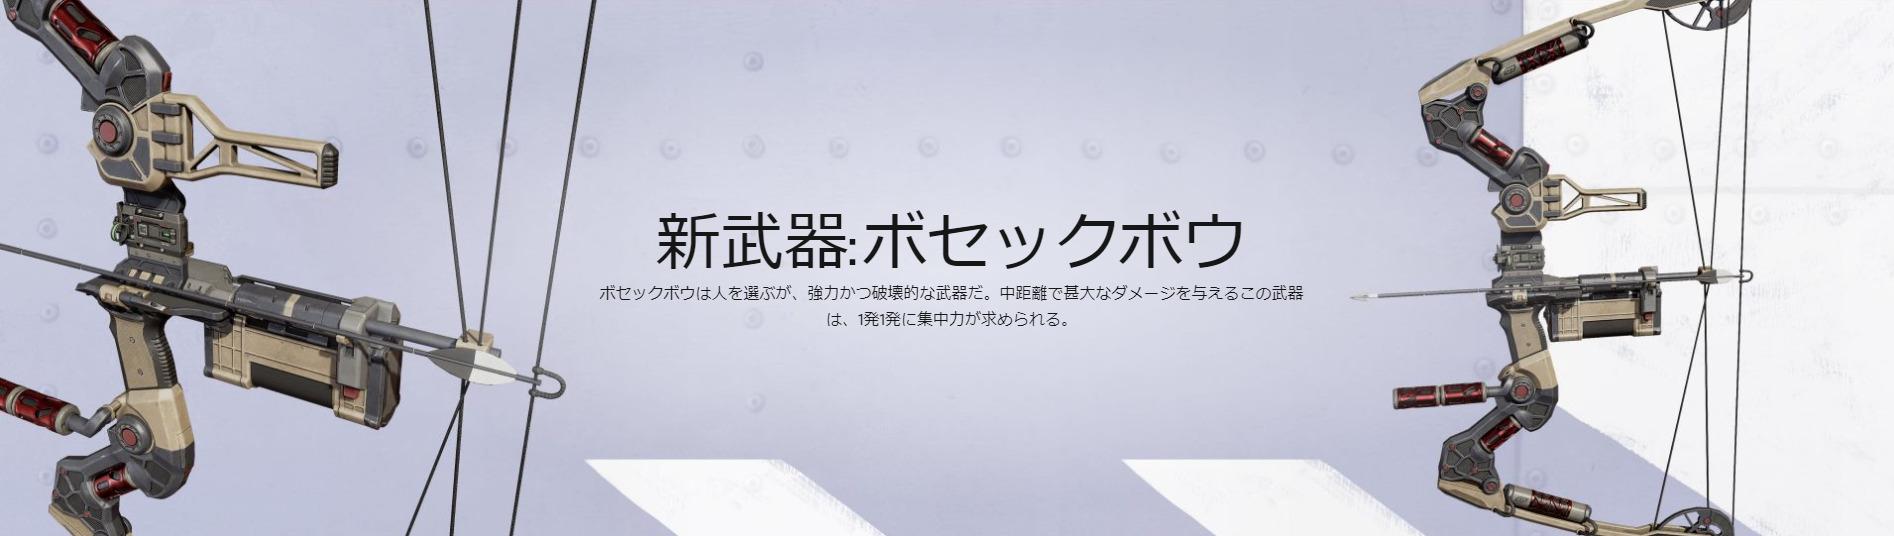 【Apex Legends】レガシー(シーズン9)アプデ内容・変更点まとめ【エーペックスレジェンズ】